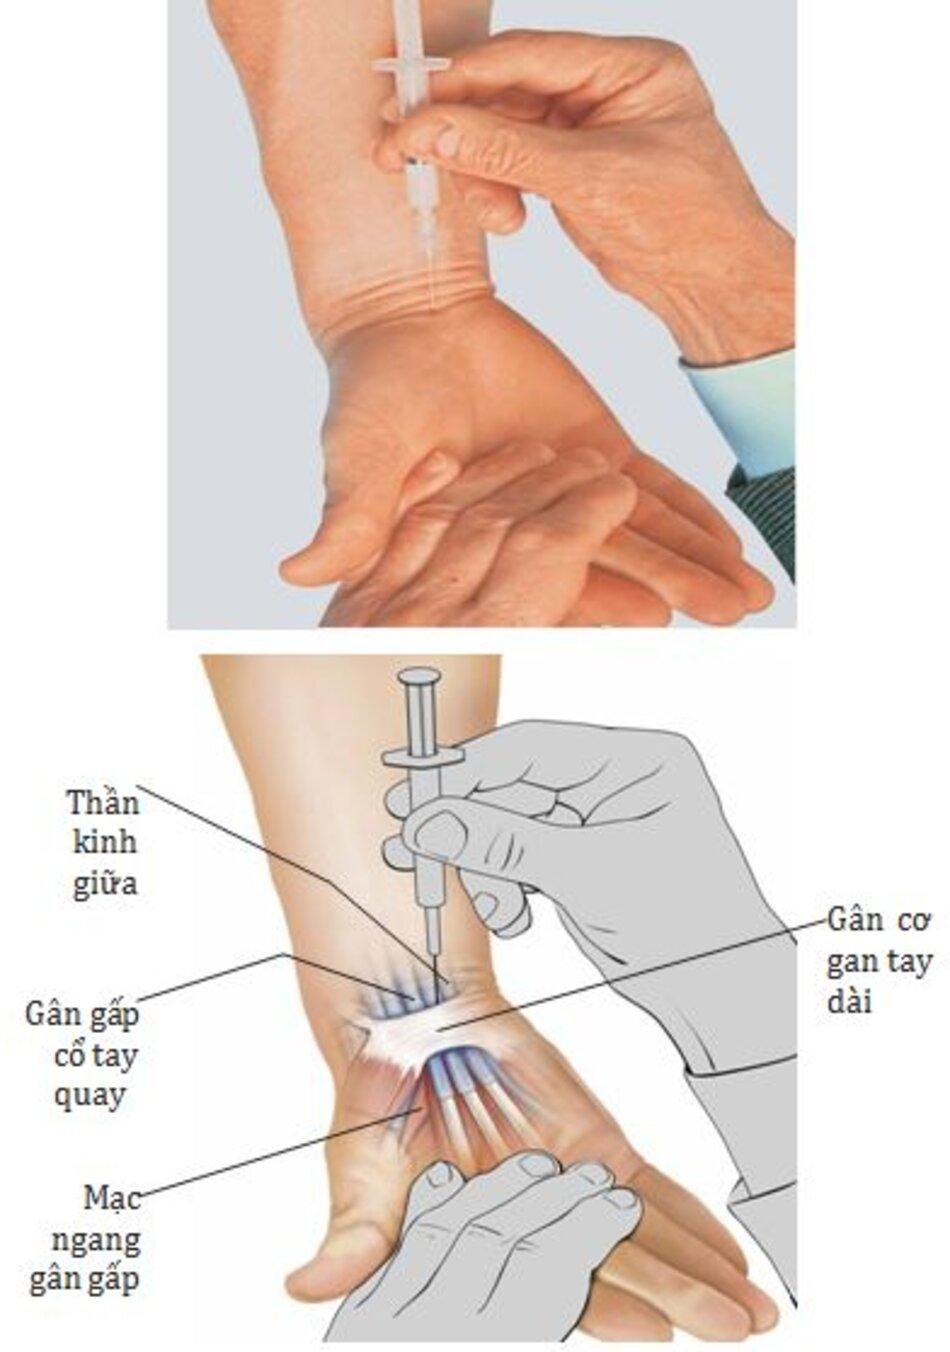 Hình 6.2 Hội chứng ống cổ tay